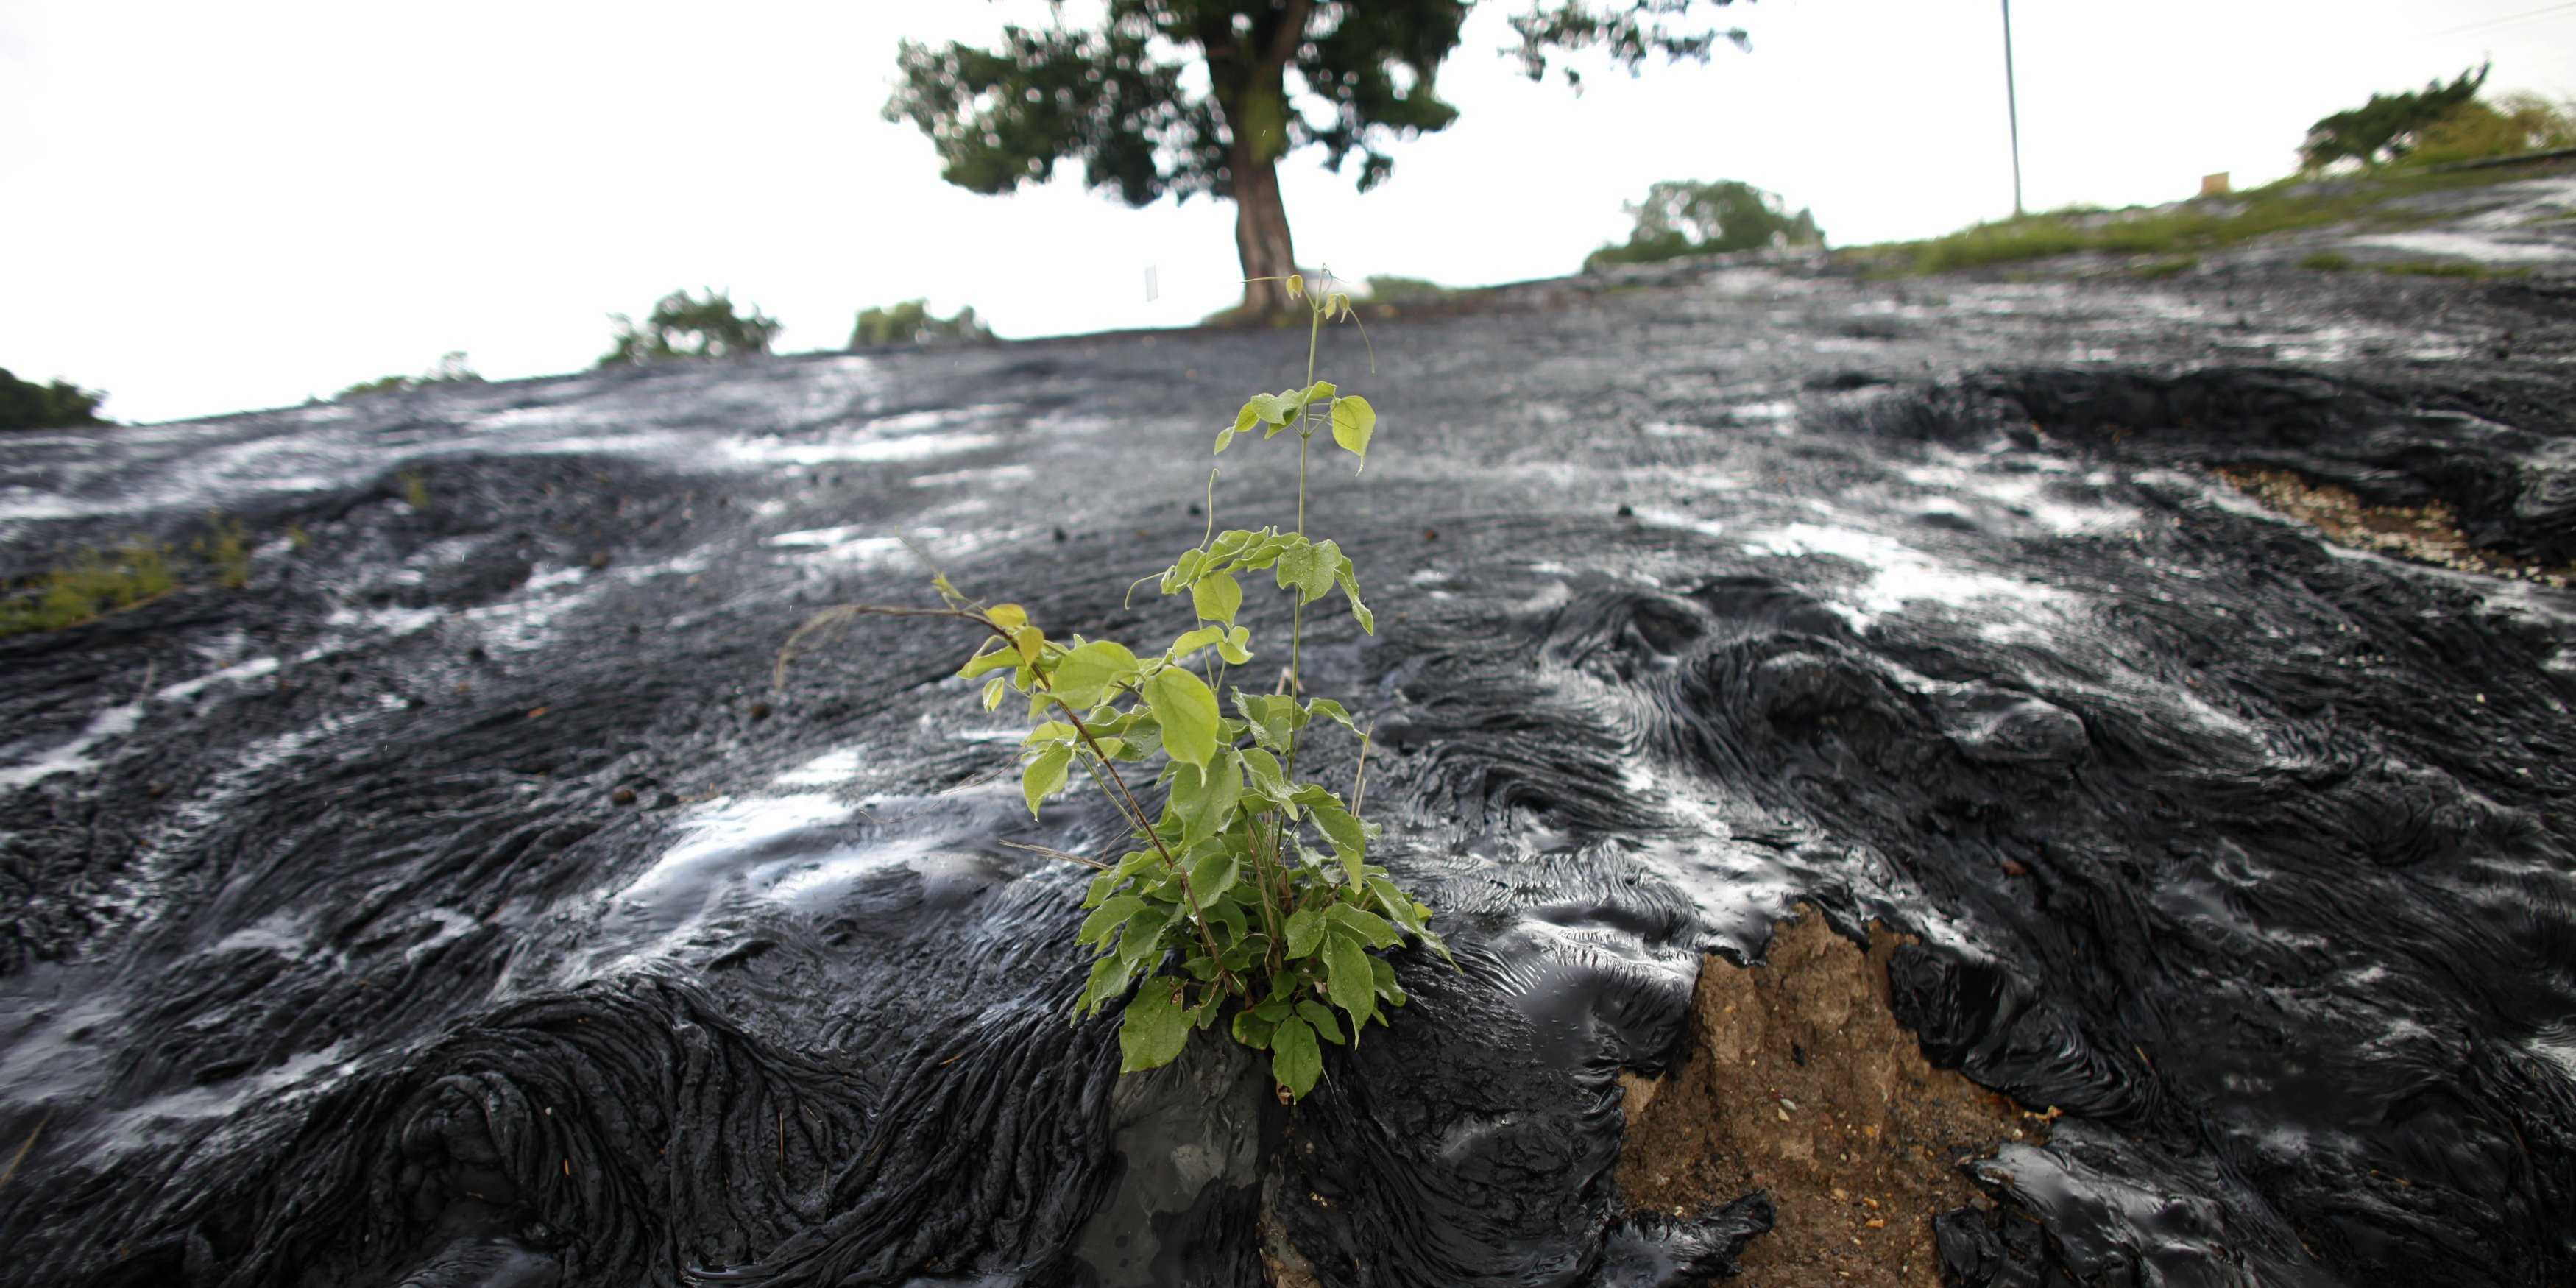 вода Красота мир планета природа страны фото